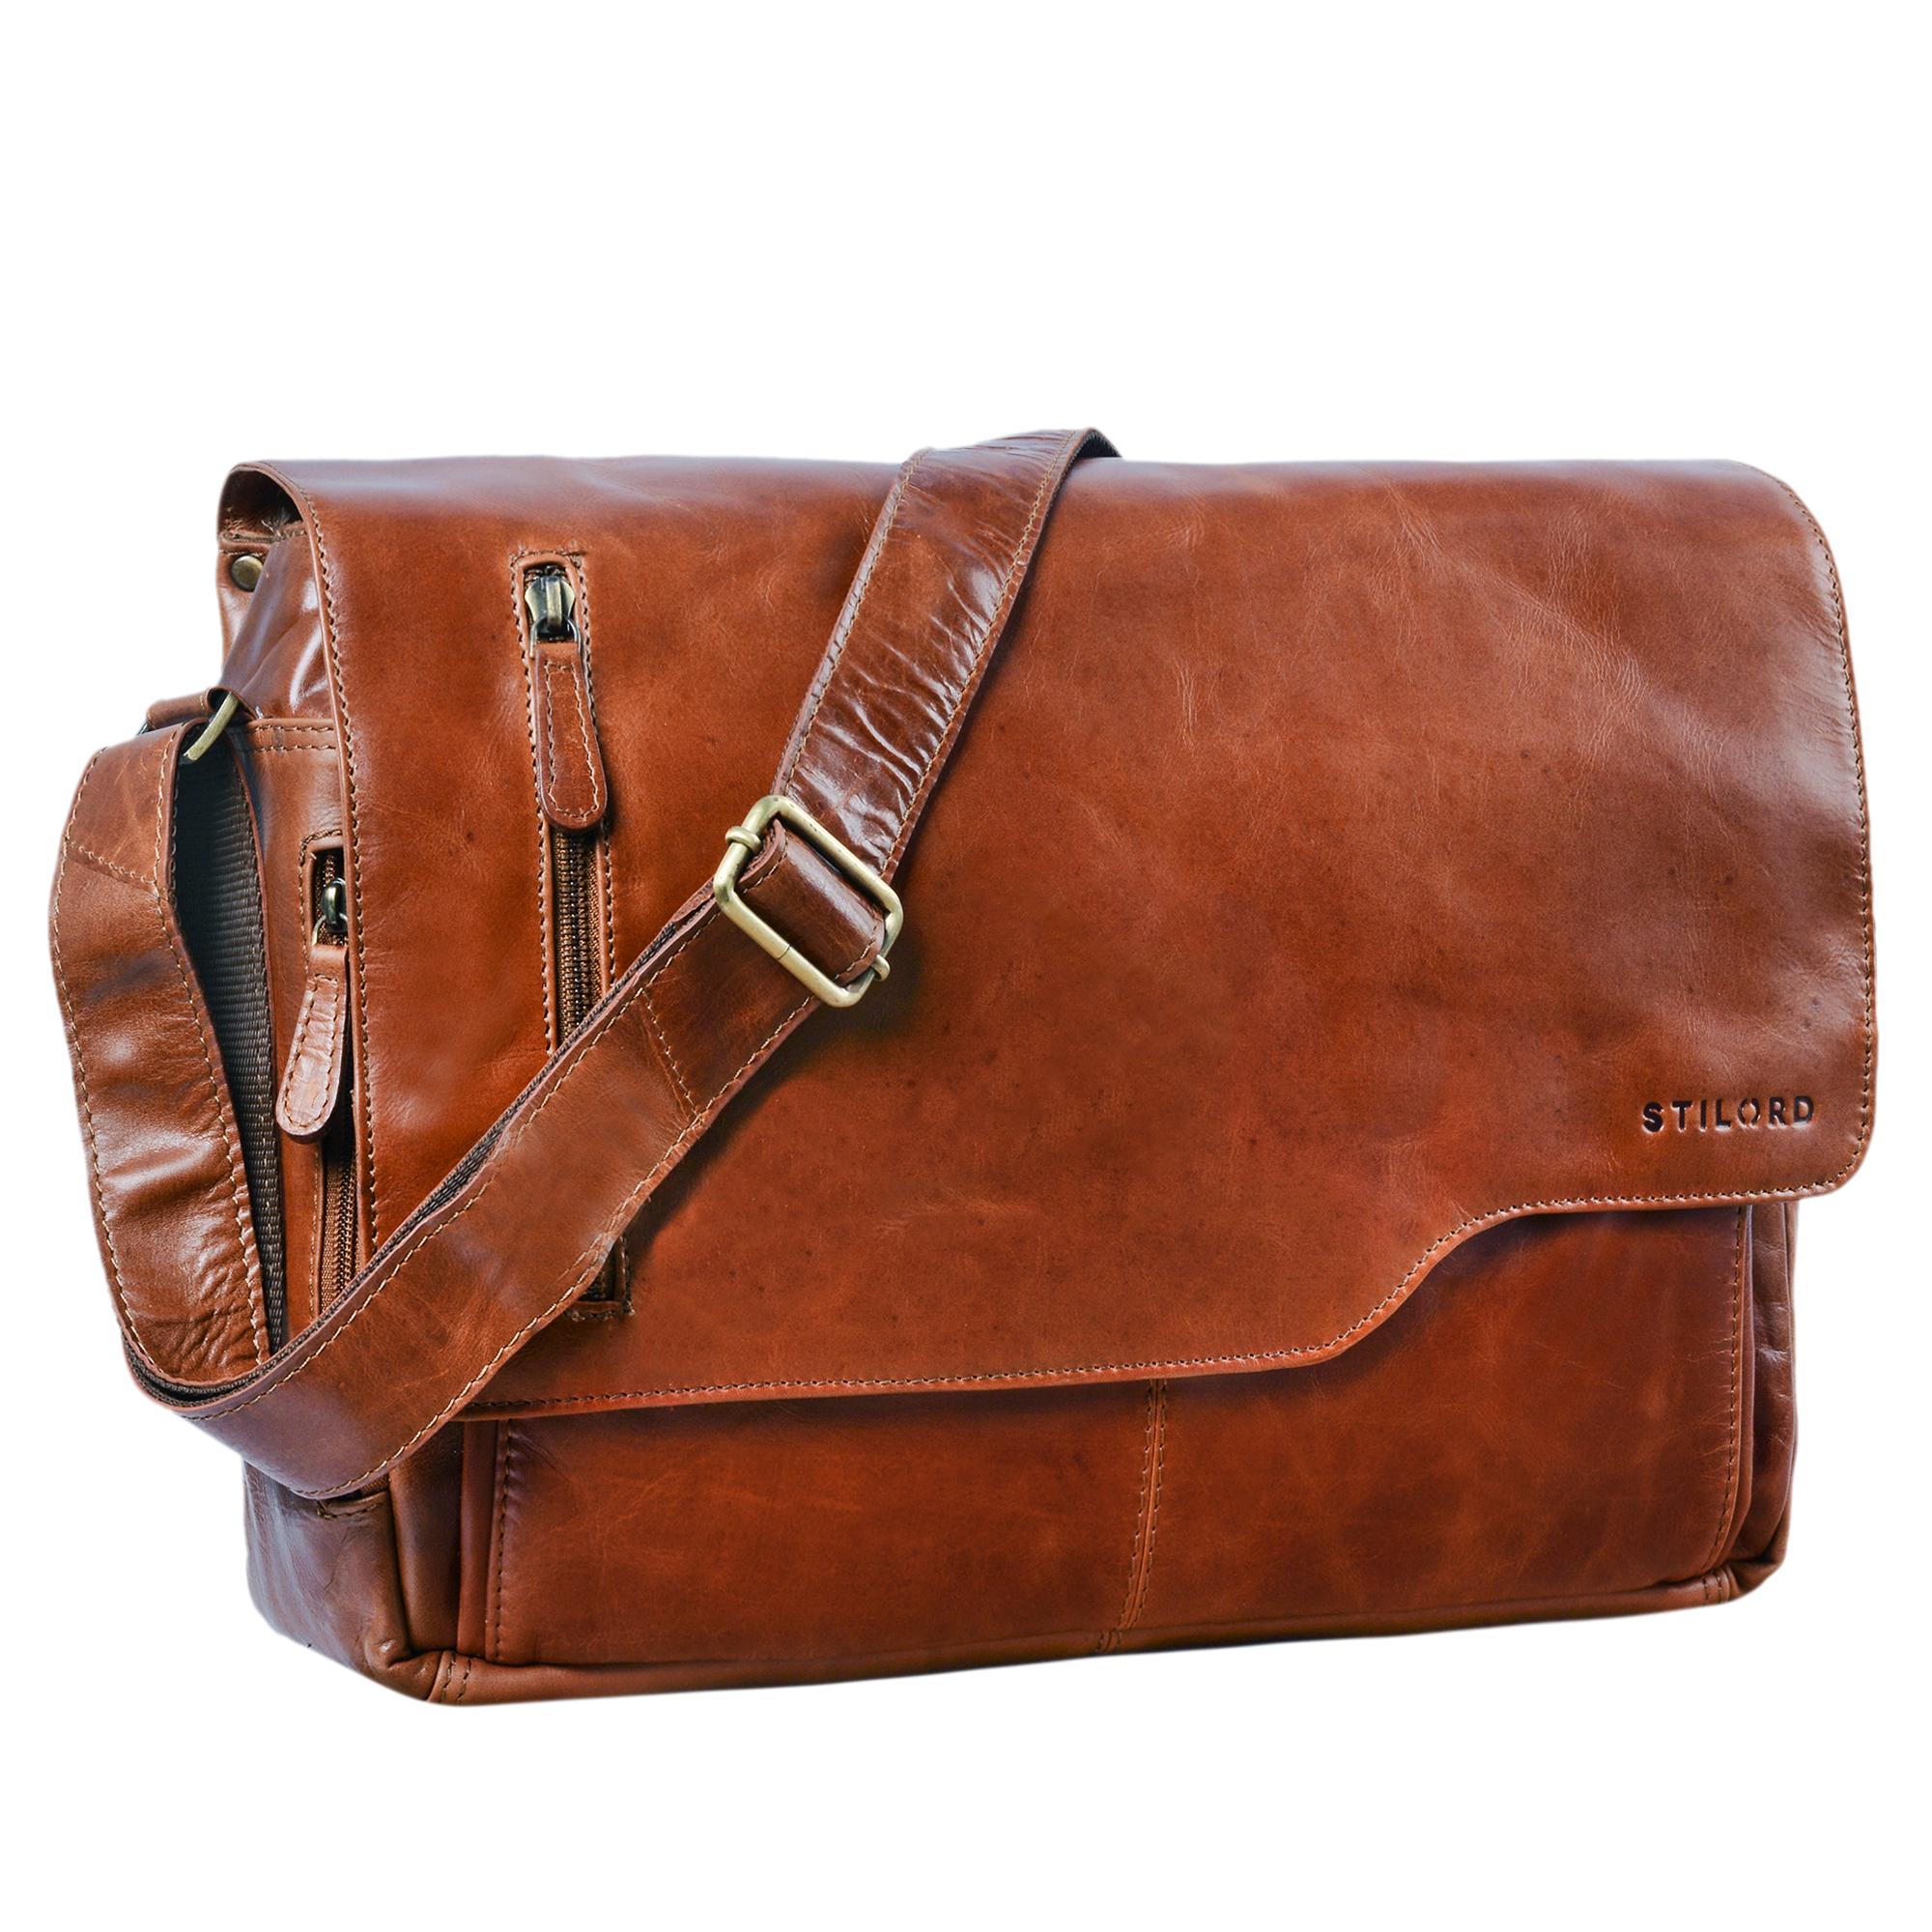 """STILORD """"Marlon"""" Ledertasche Herren Business Uni Büro Vintage Umhängetasche groß DIN A4 mit 15.6 Zoll Laptopfach elegante Aktentasche aus echtem Rinds Leder - Bild 9"""